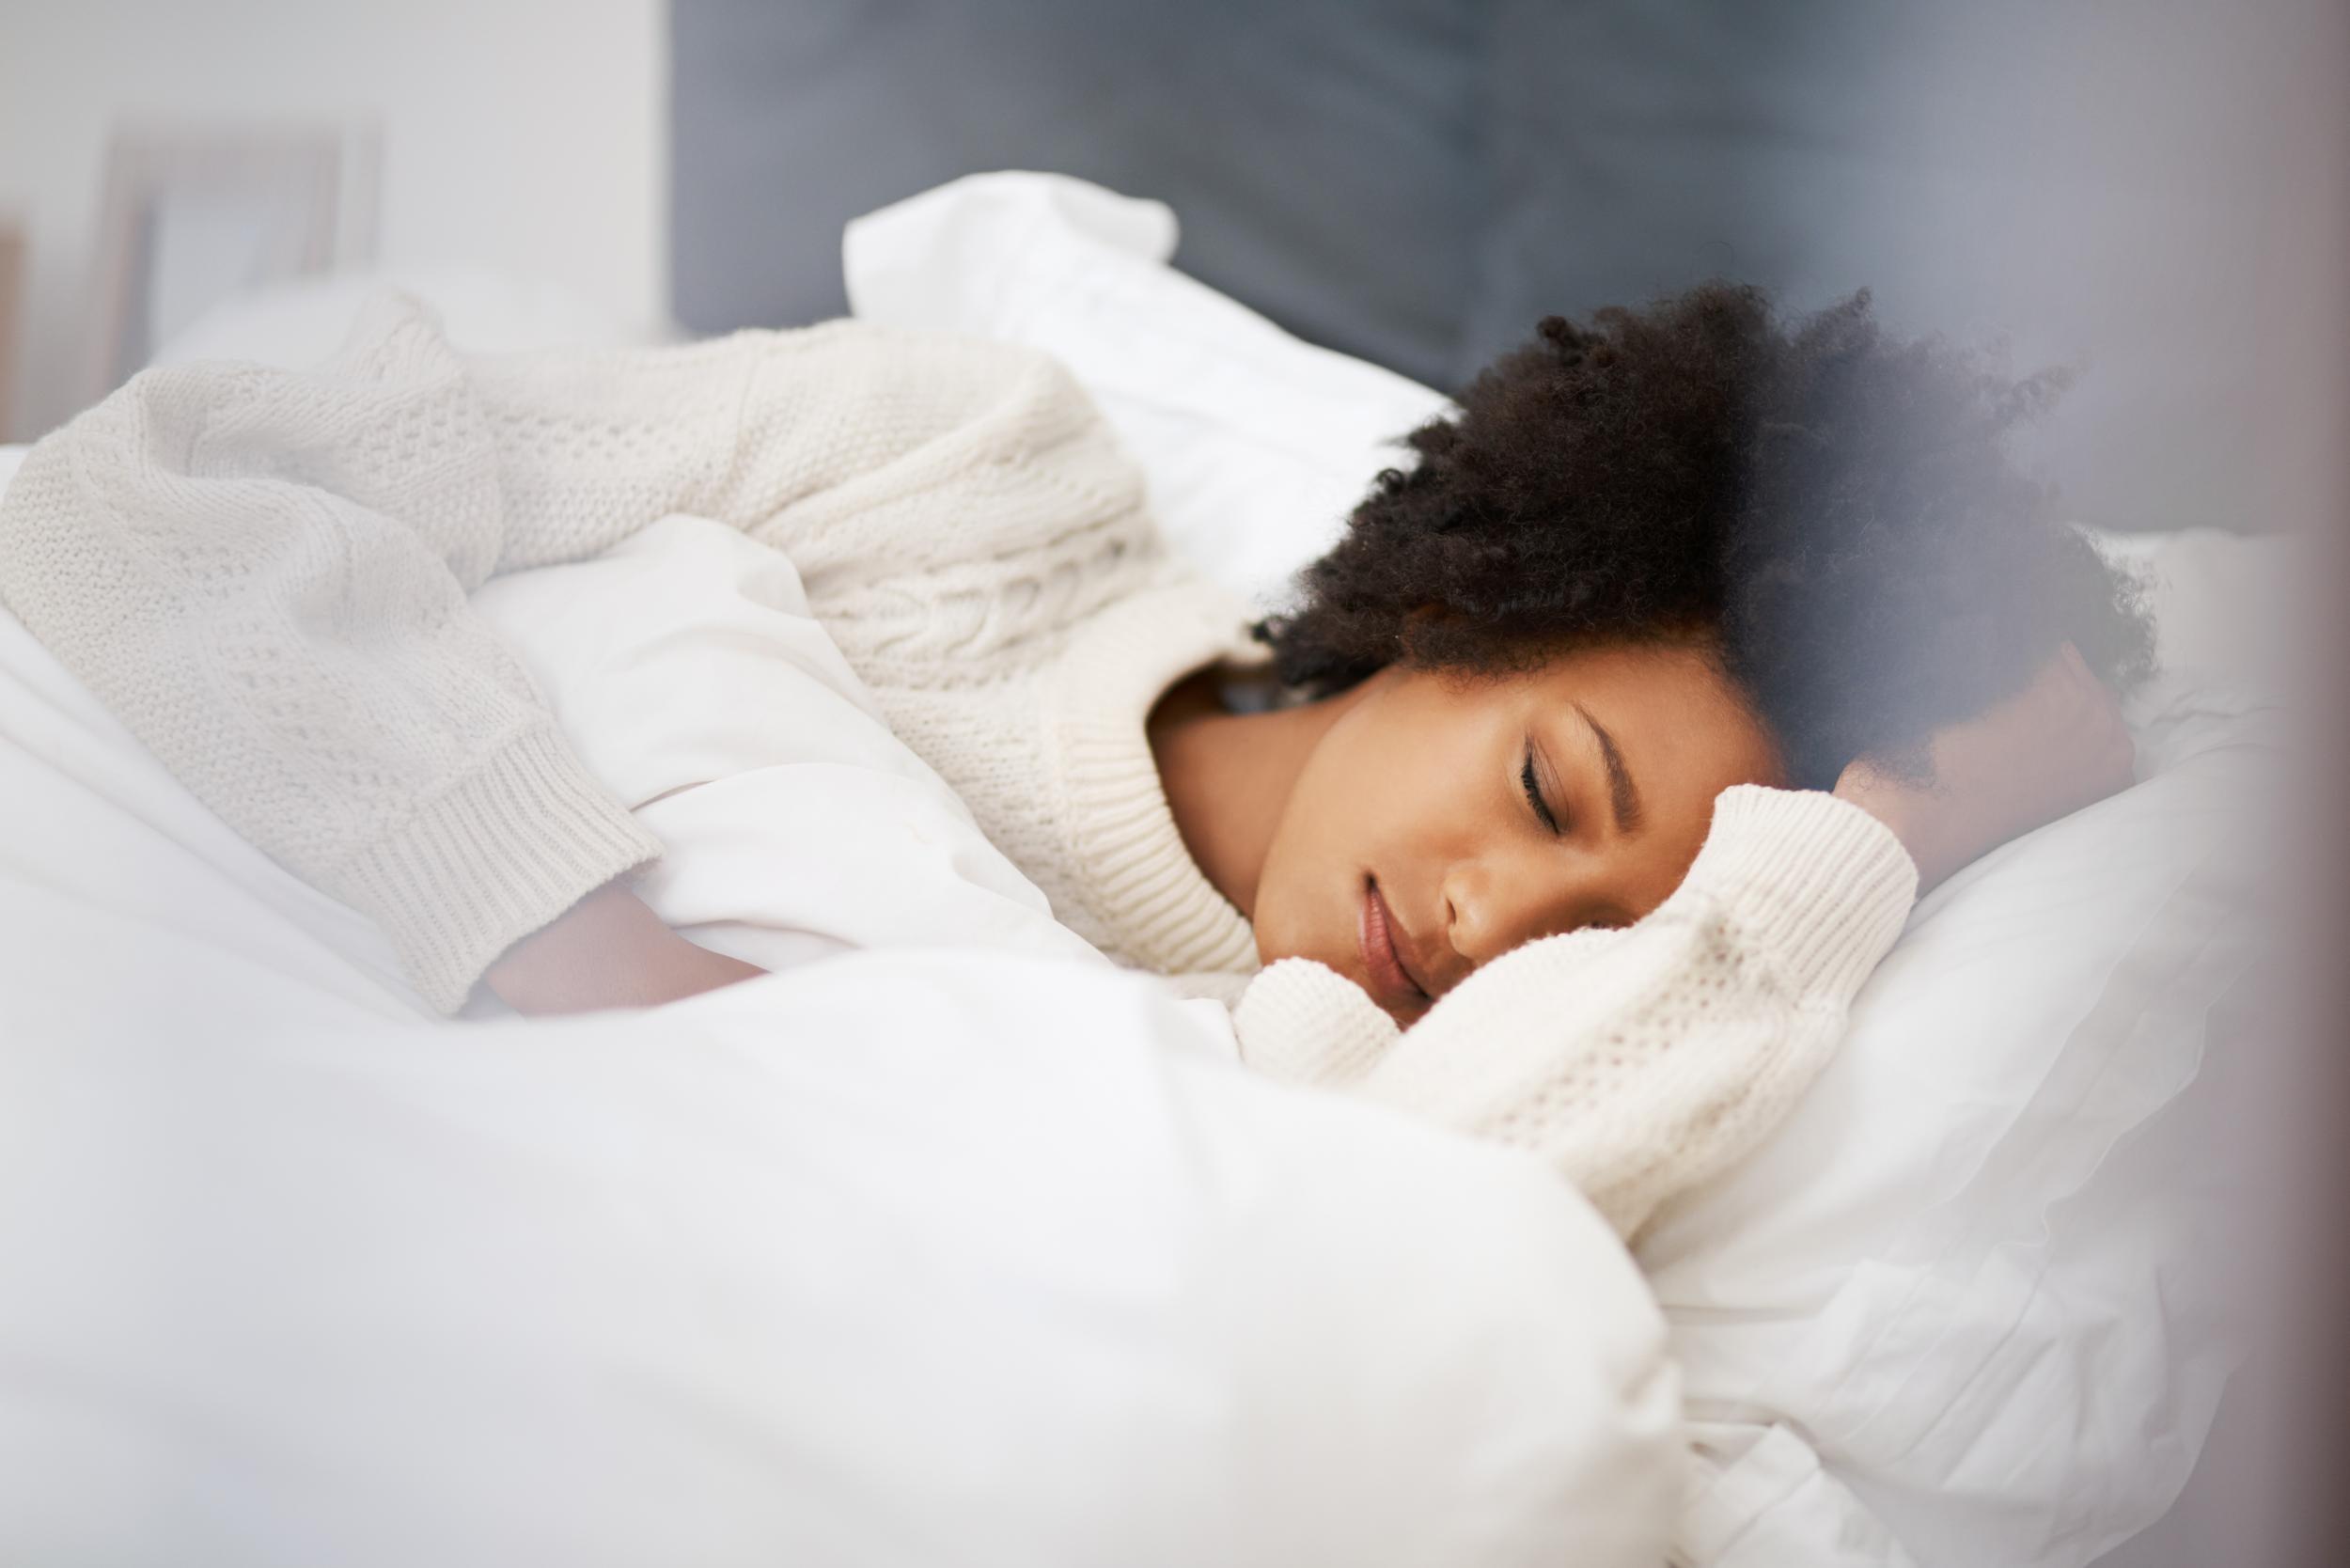 Un estudio encuentra que las personas que duermen durante demasiado tiempo con mayor riesgo de enfermedad cardíaca